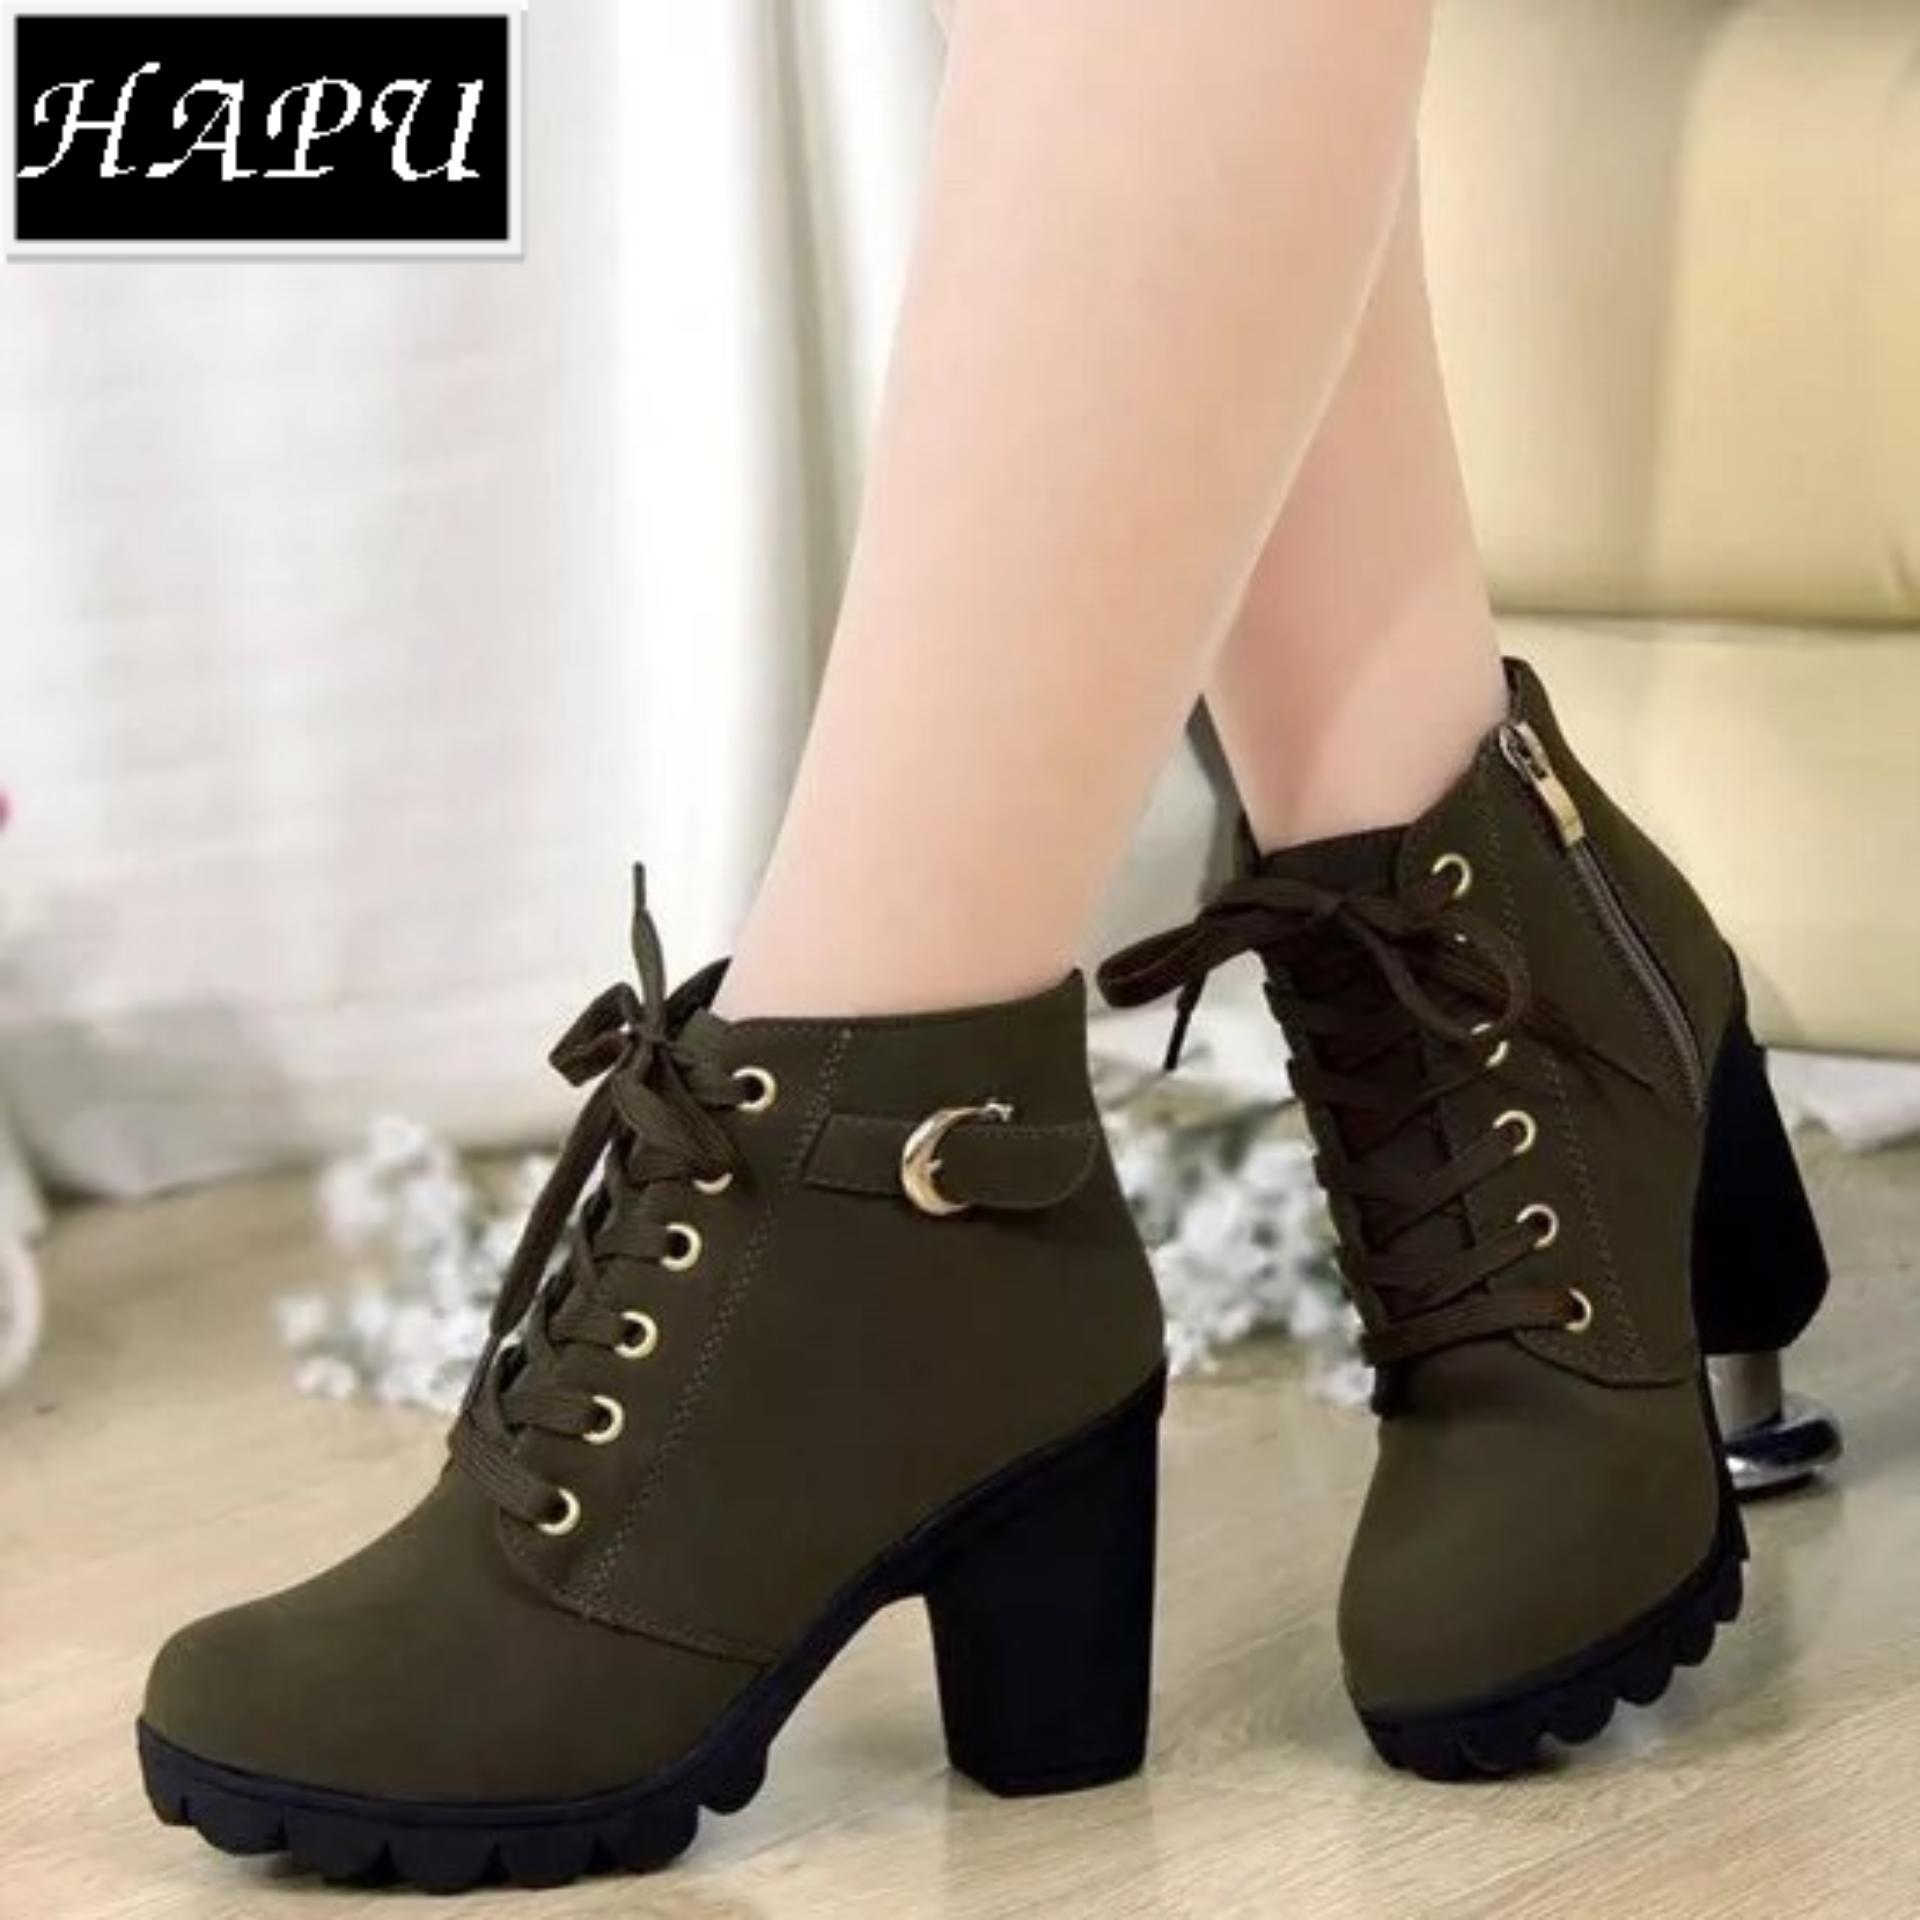 Giày boot nữ da lộn khóa kéo, khuy cài cổ HAPU - BNNK01 (xanh rêu)